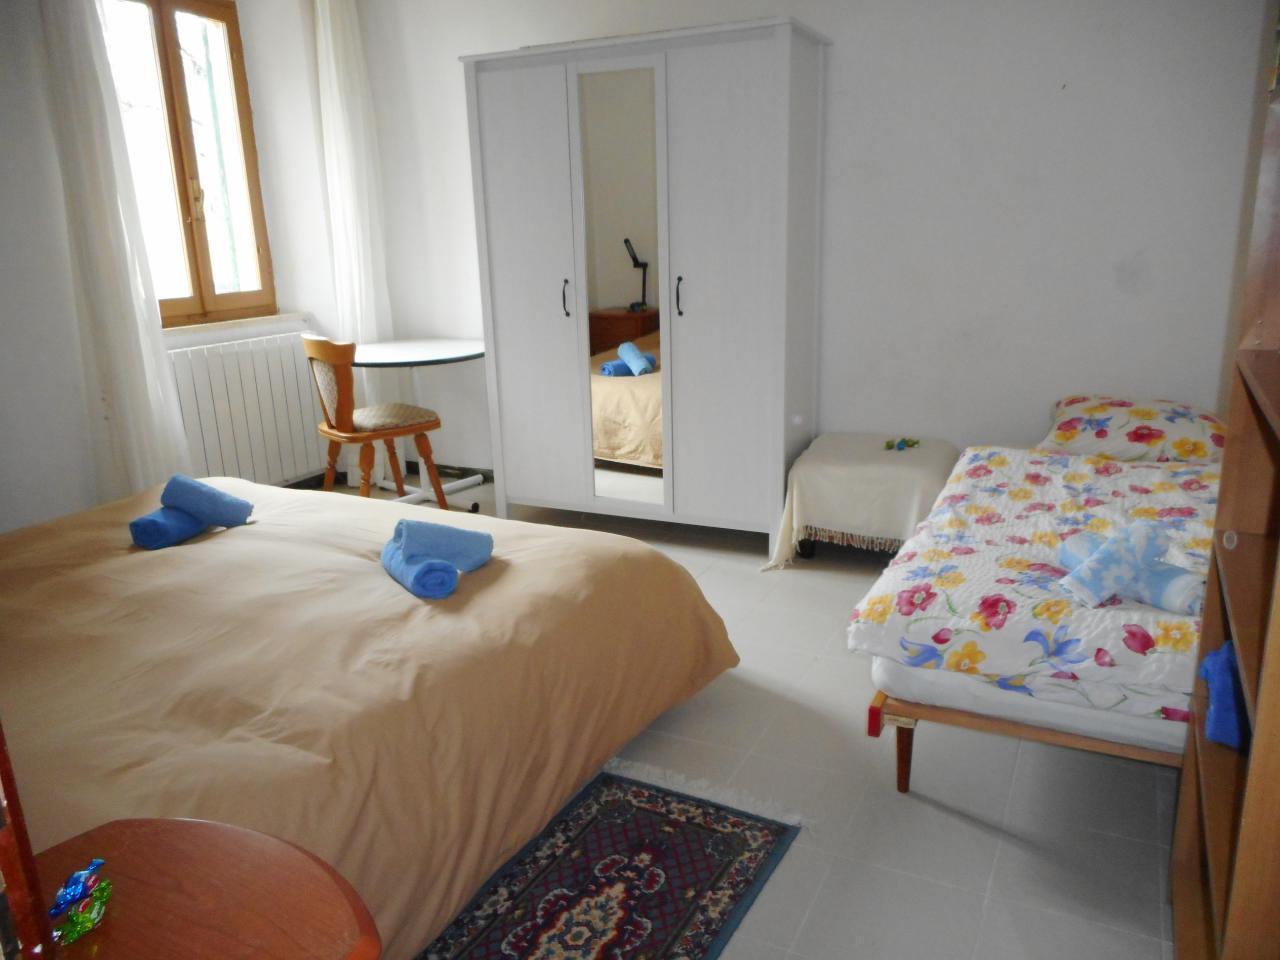 Ferienhaus Familenferien mit Reitmöglichkeit in der schönen  Marke (732149), Santa Vittoria in Matenano, Fermo, Marken, Italien, Bild 20